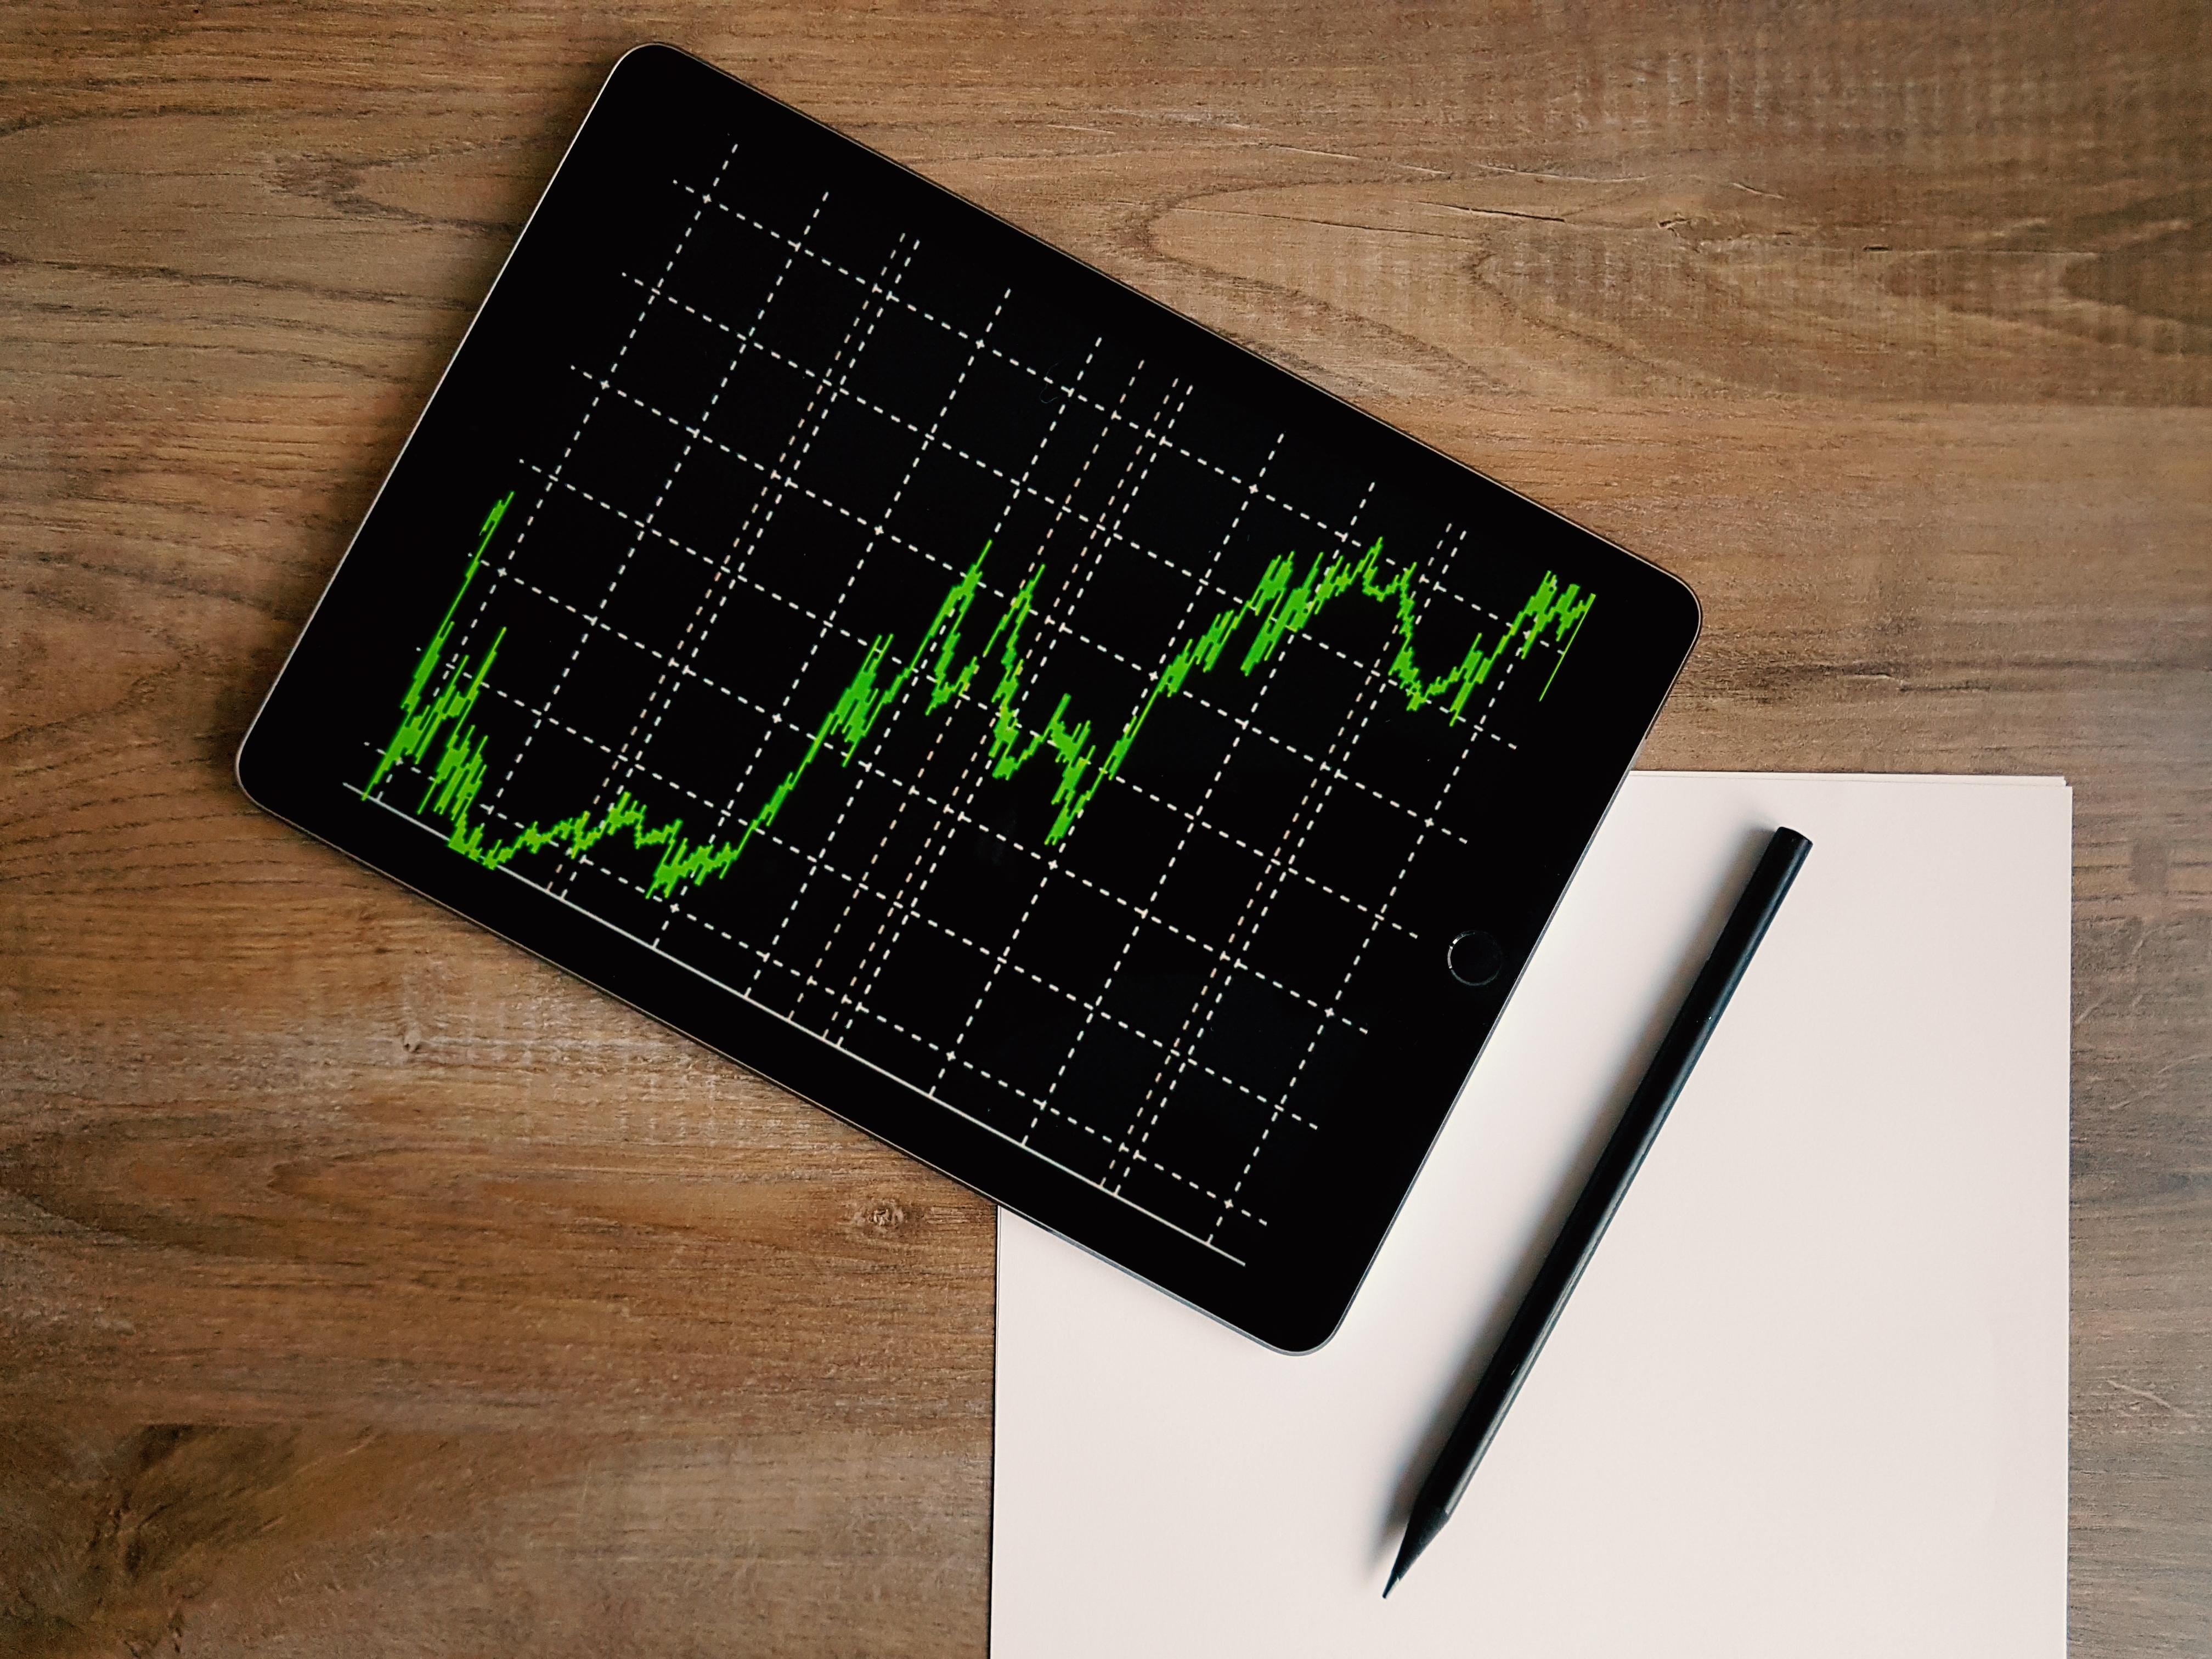 Private investorer ejer aktier i for få selskaber